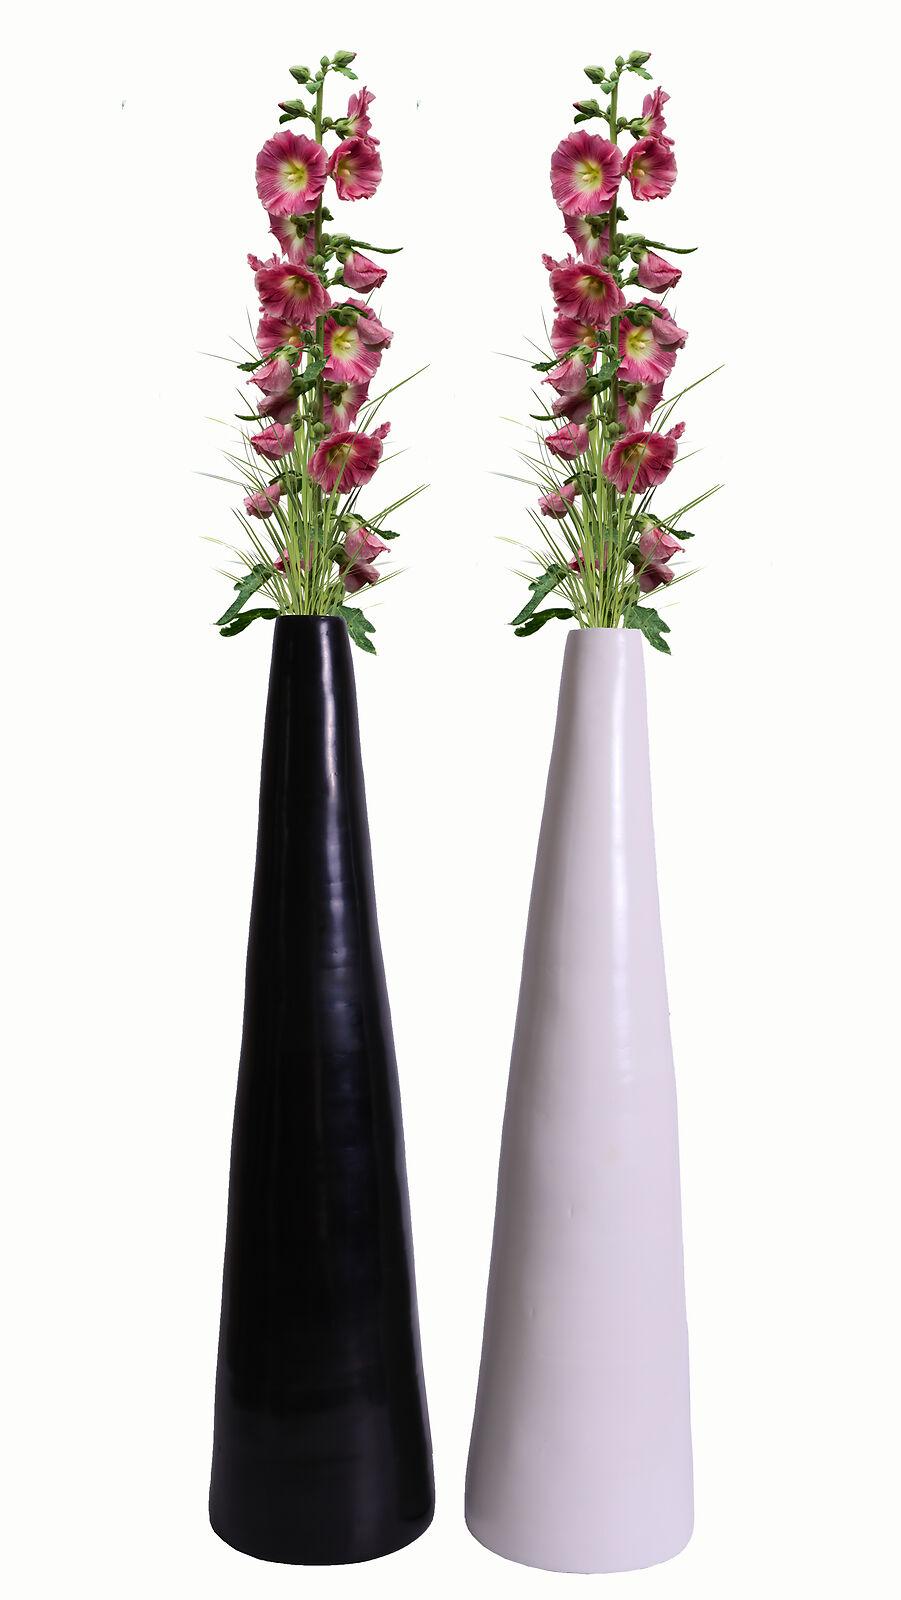 Nuevo uniquewise 30 in (approx. 76.20 cm) alto Florero de piso hilado Bambú contemporáneo